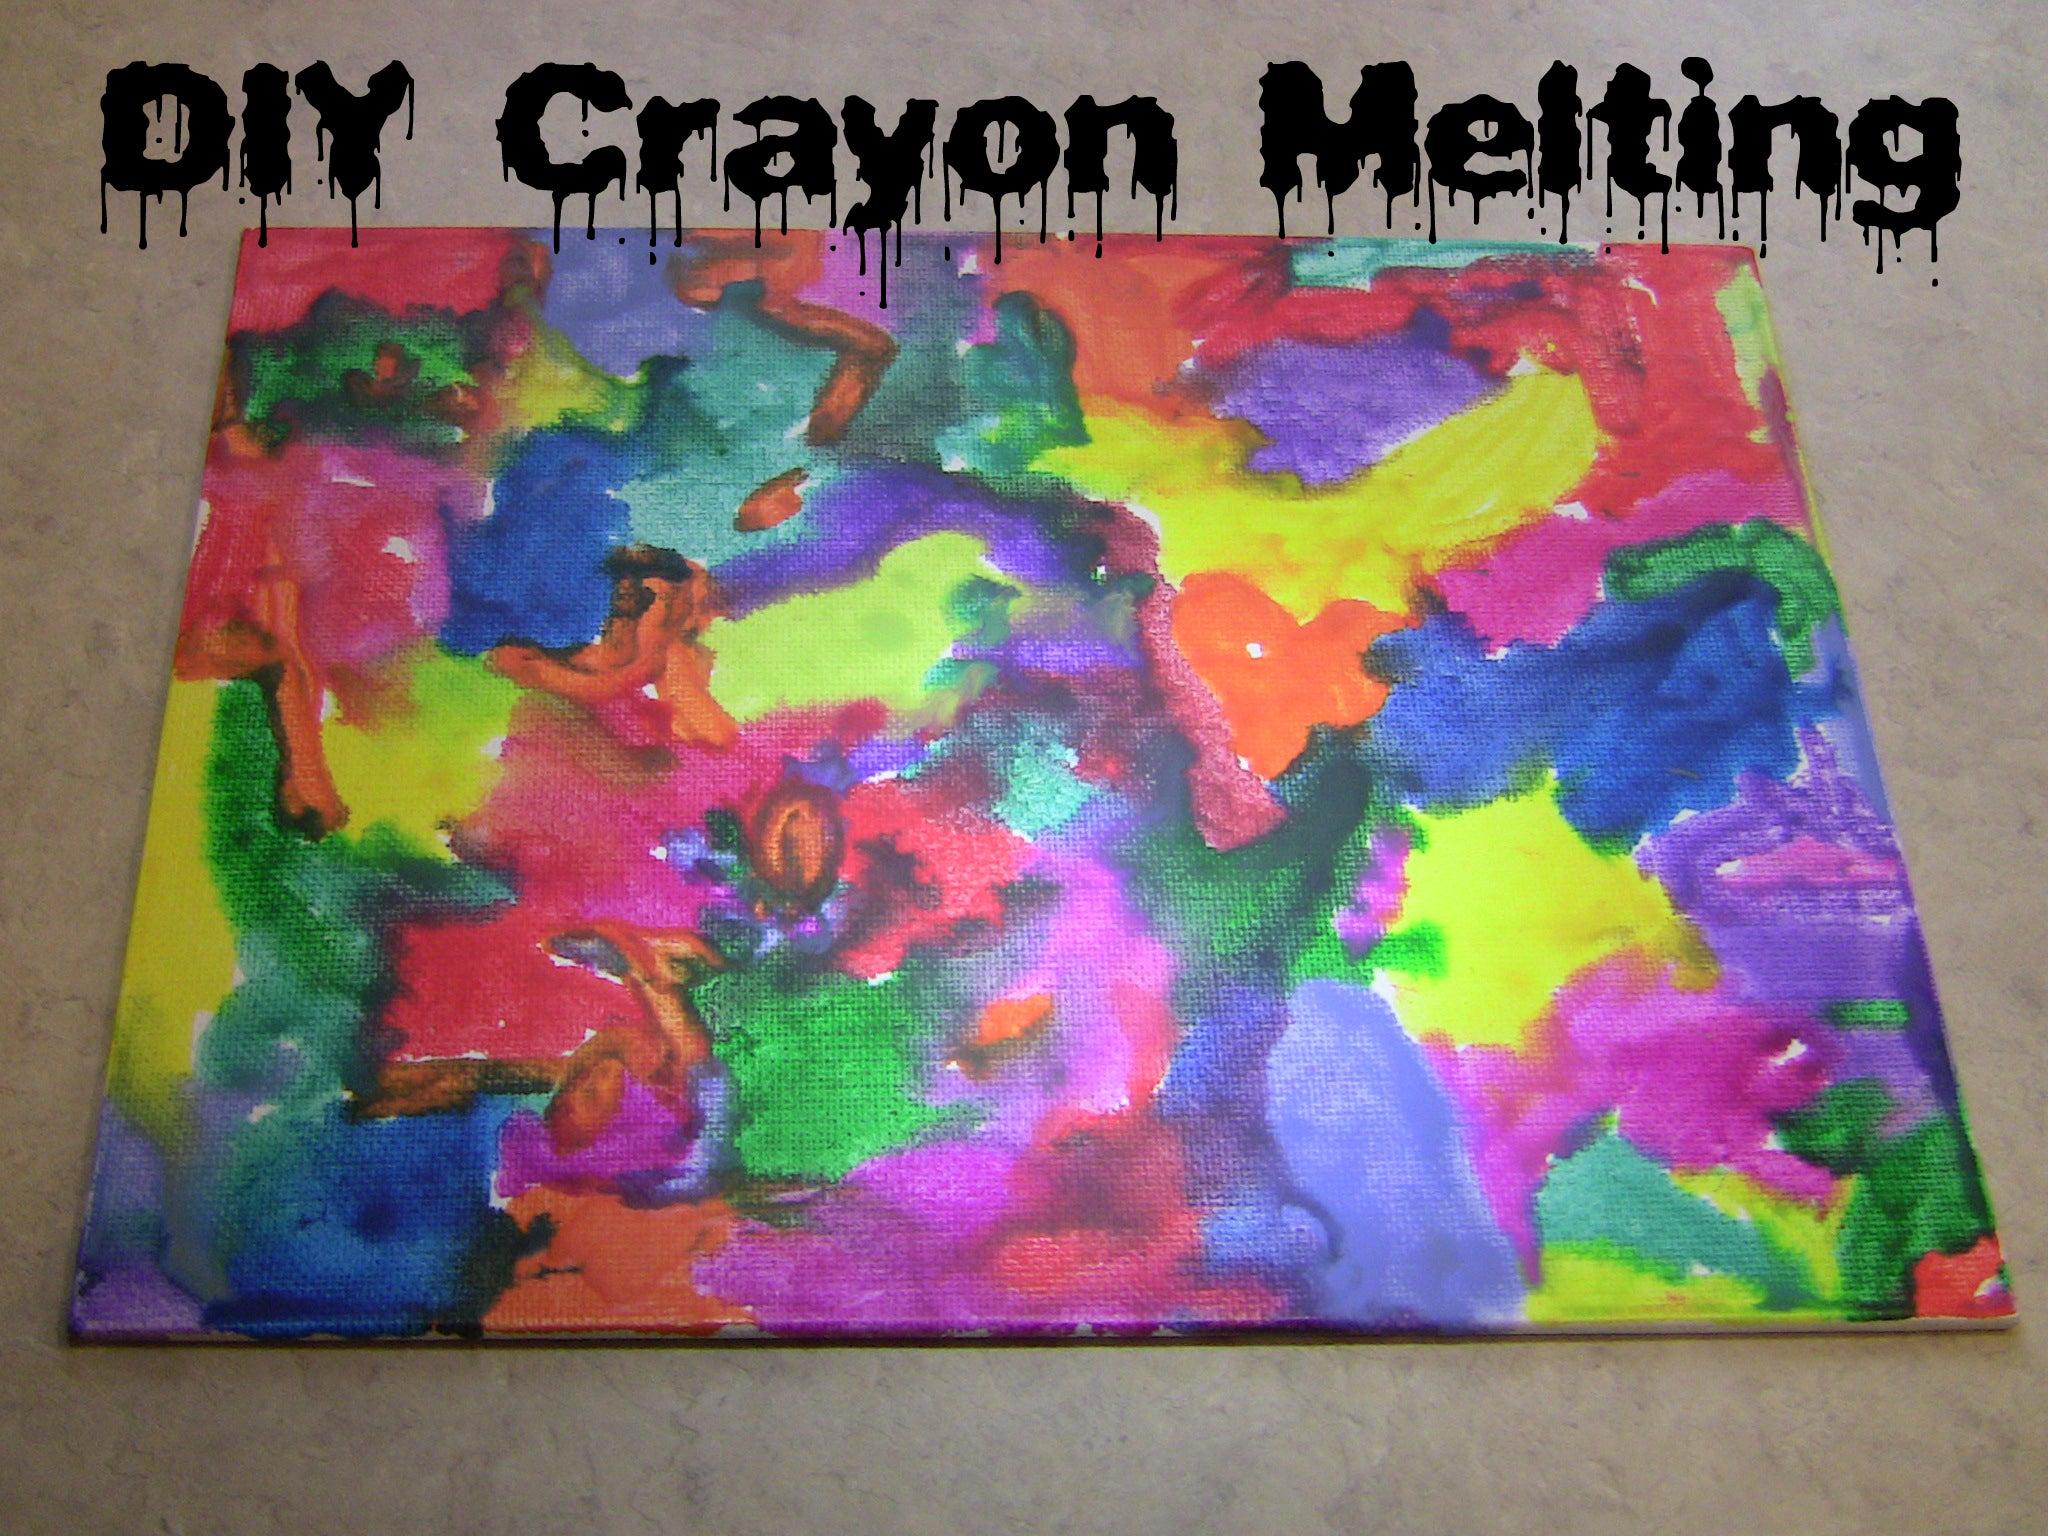 DIY Crayon Melting : 4 Steps - Instructables